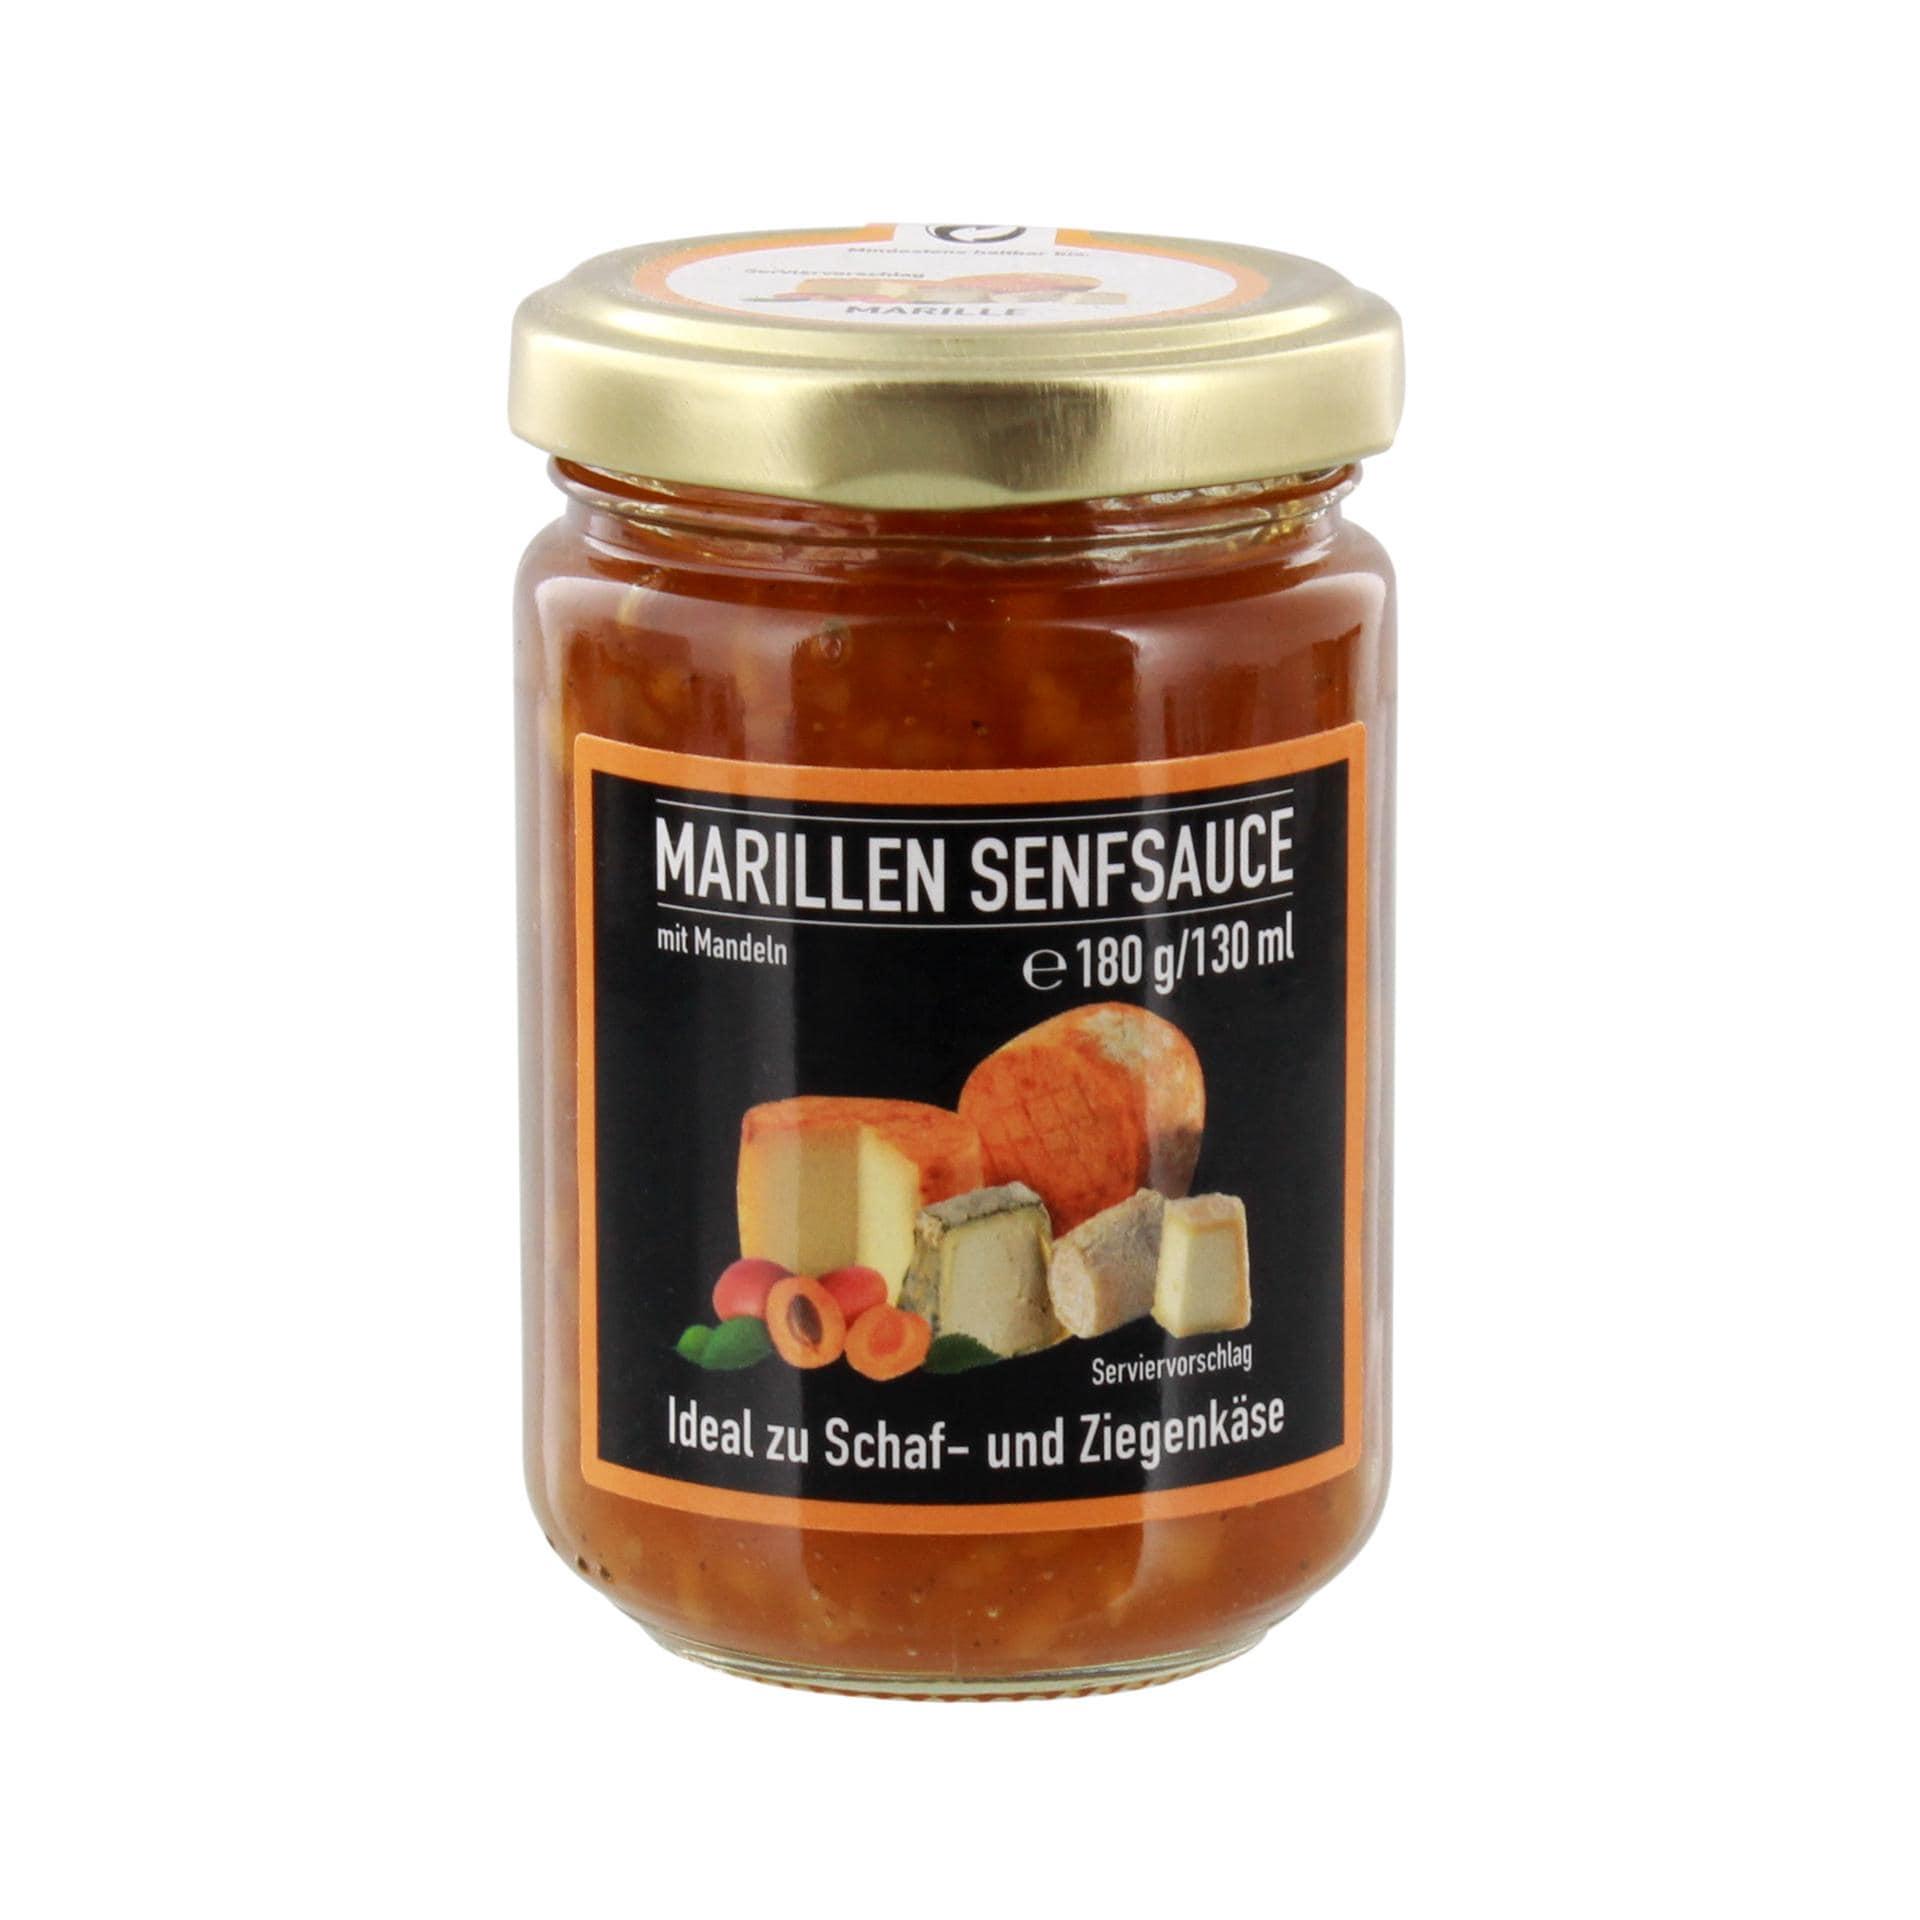 Marillen - Senfsauce mit Mandeln - 180g